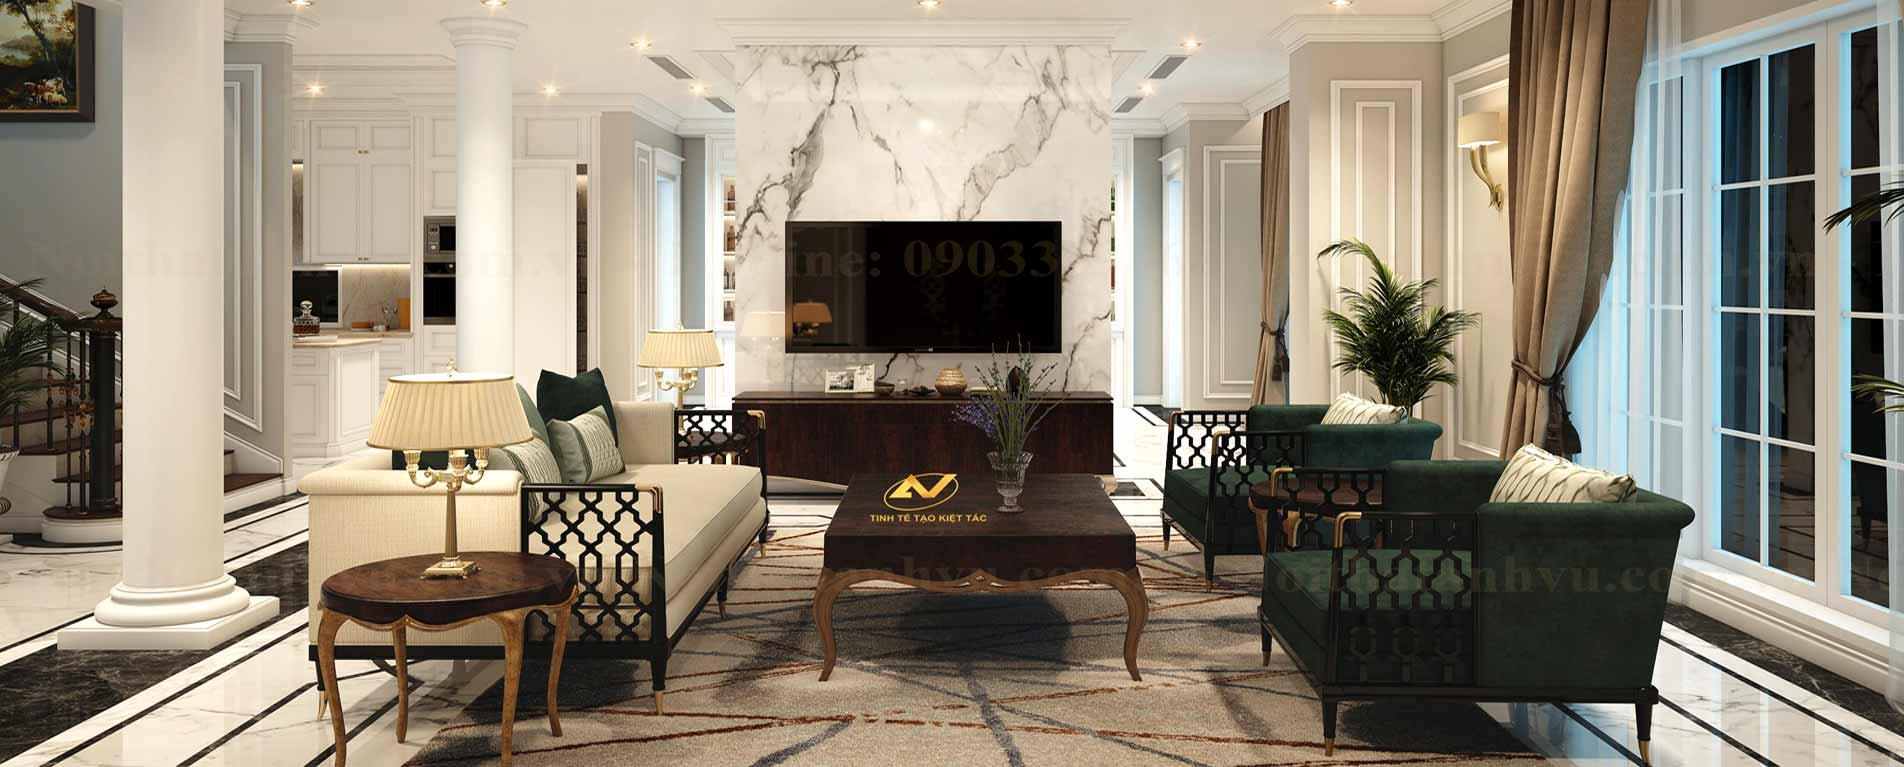 Thiết kế nội thất phòng khách sang trọng - Nội thất Anh Vũ